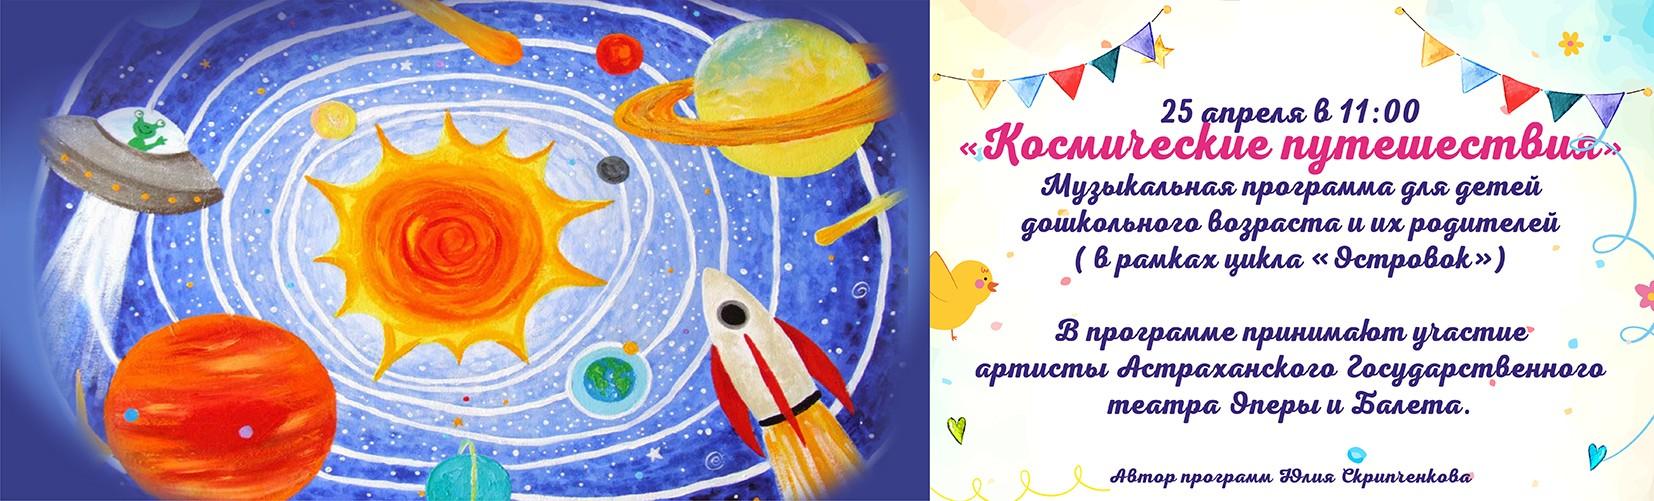 Космические путешествия_25.04